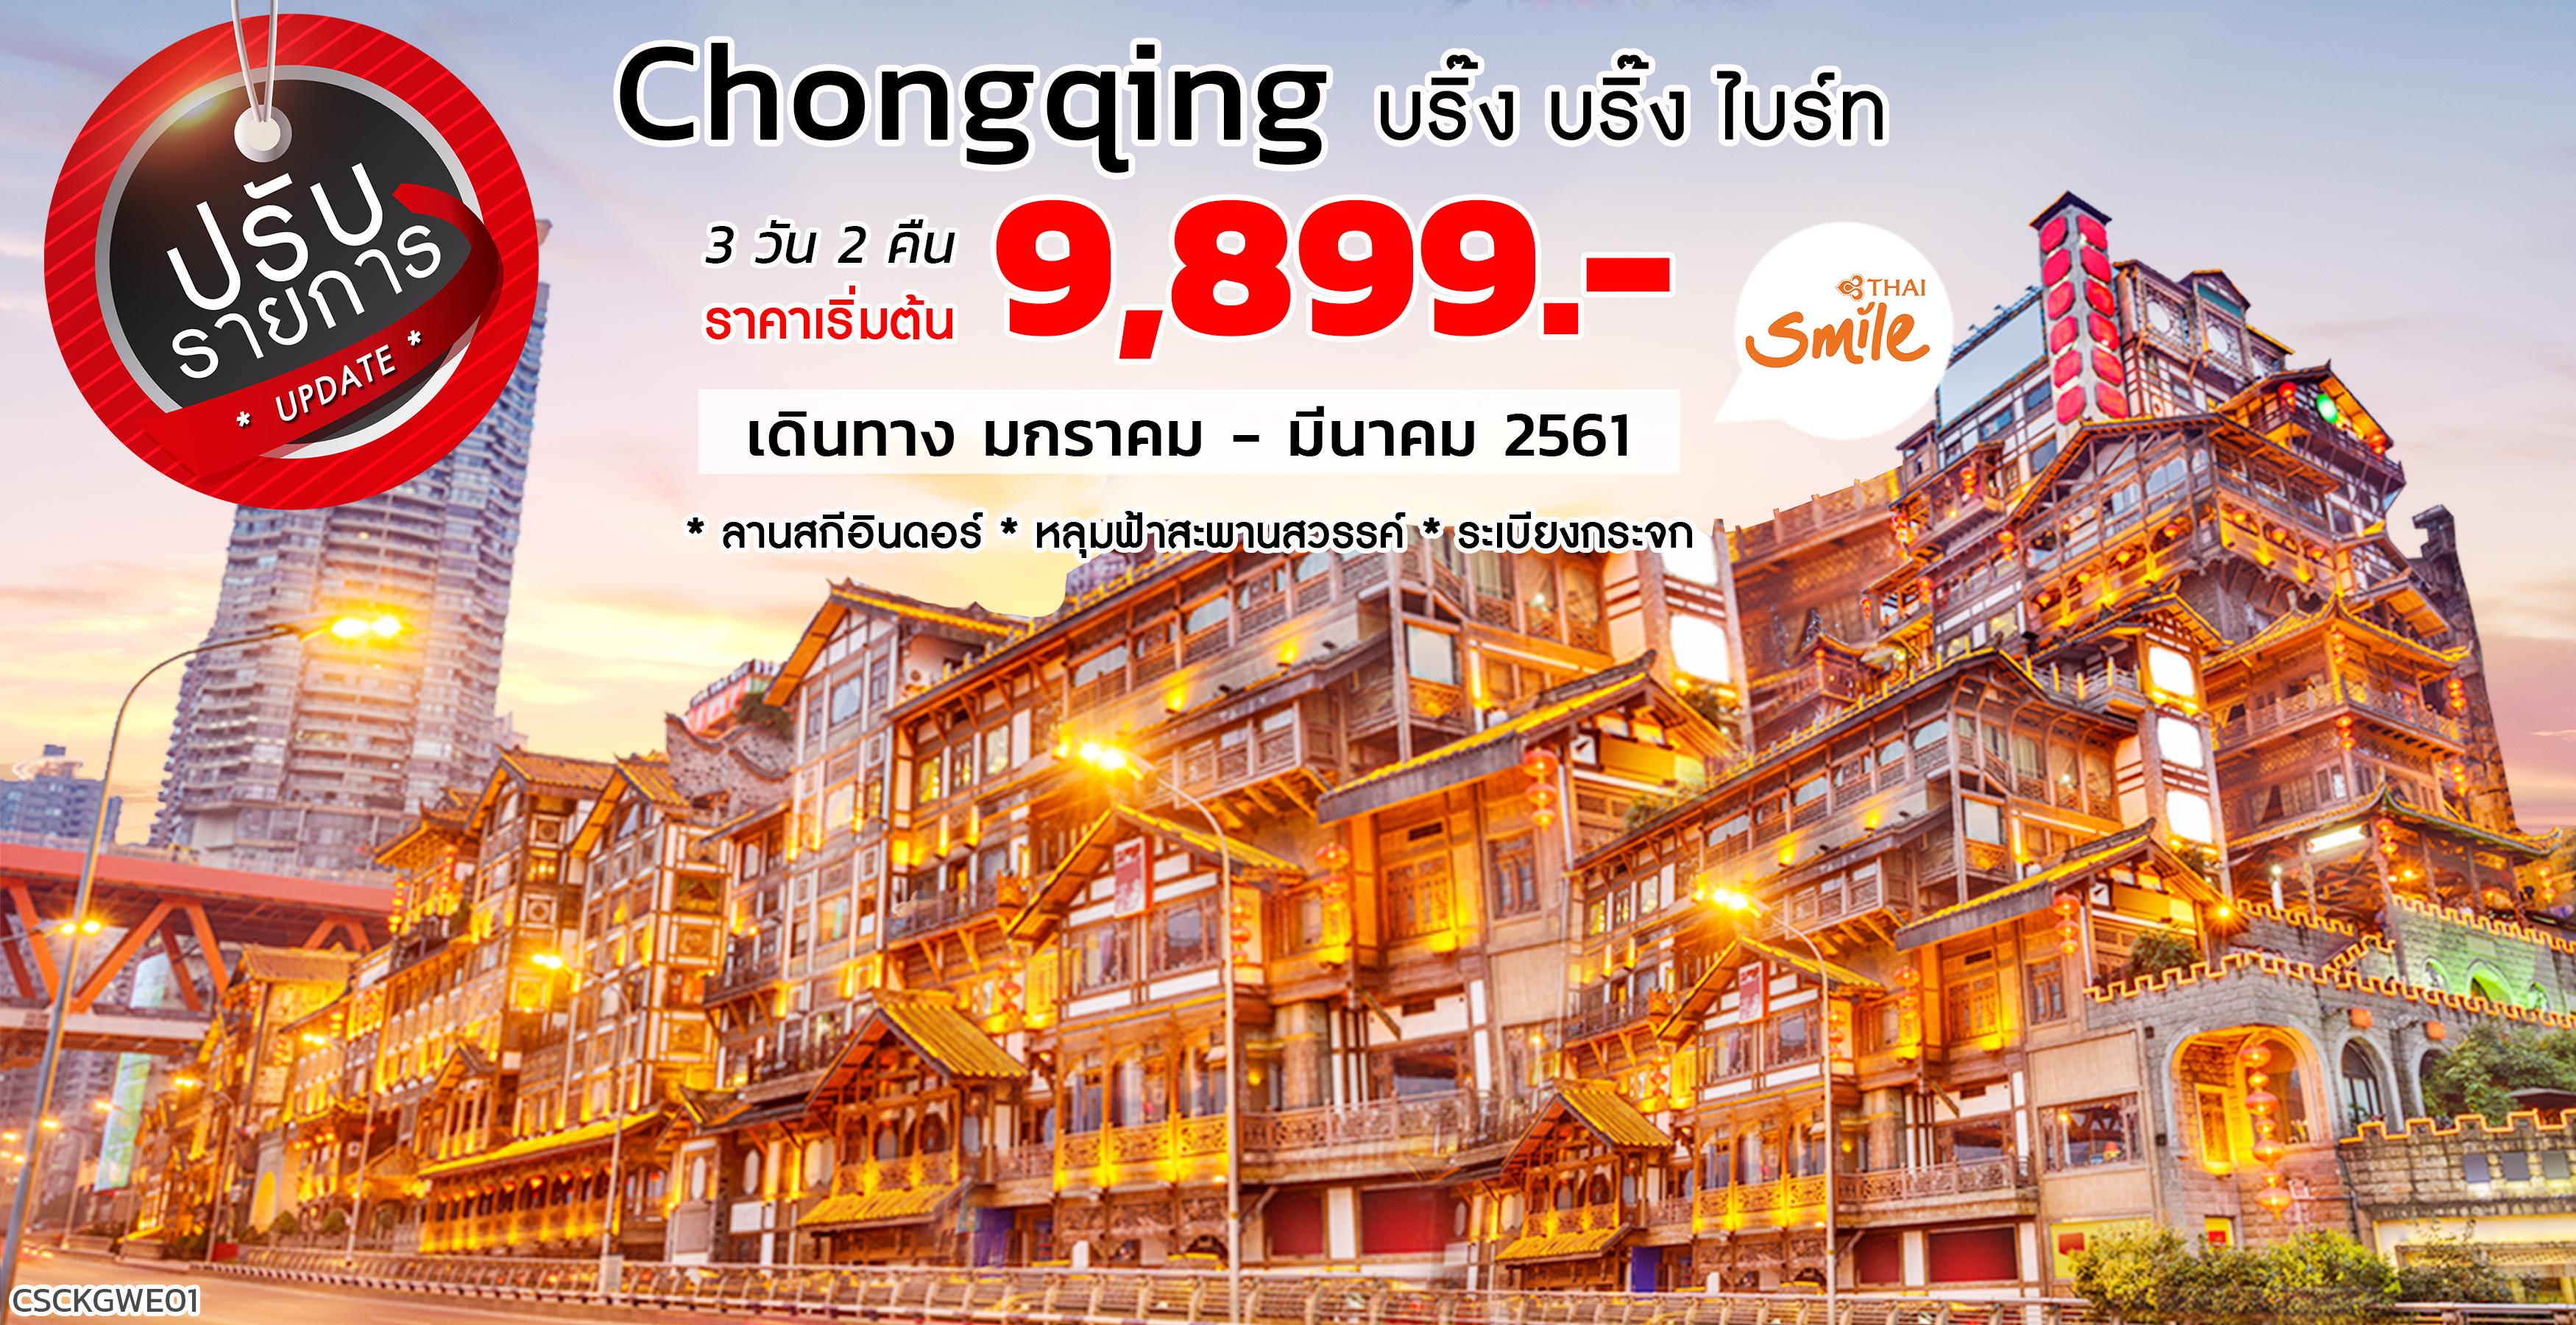 ทัวร์ฉงชิ่ง Chongqing บริ๊ง บริ๊ง ไบร์ท 3 วัน 2 คืน (WE)